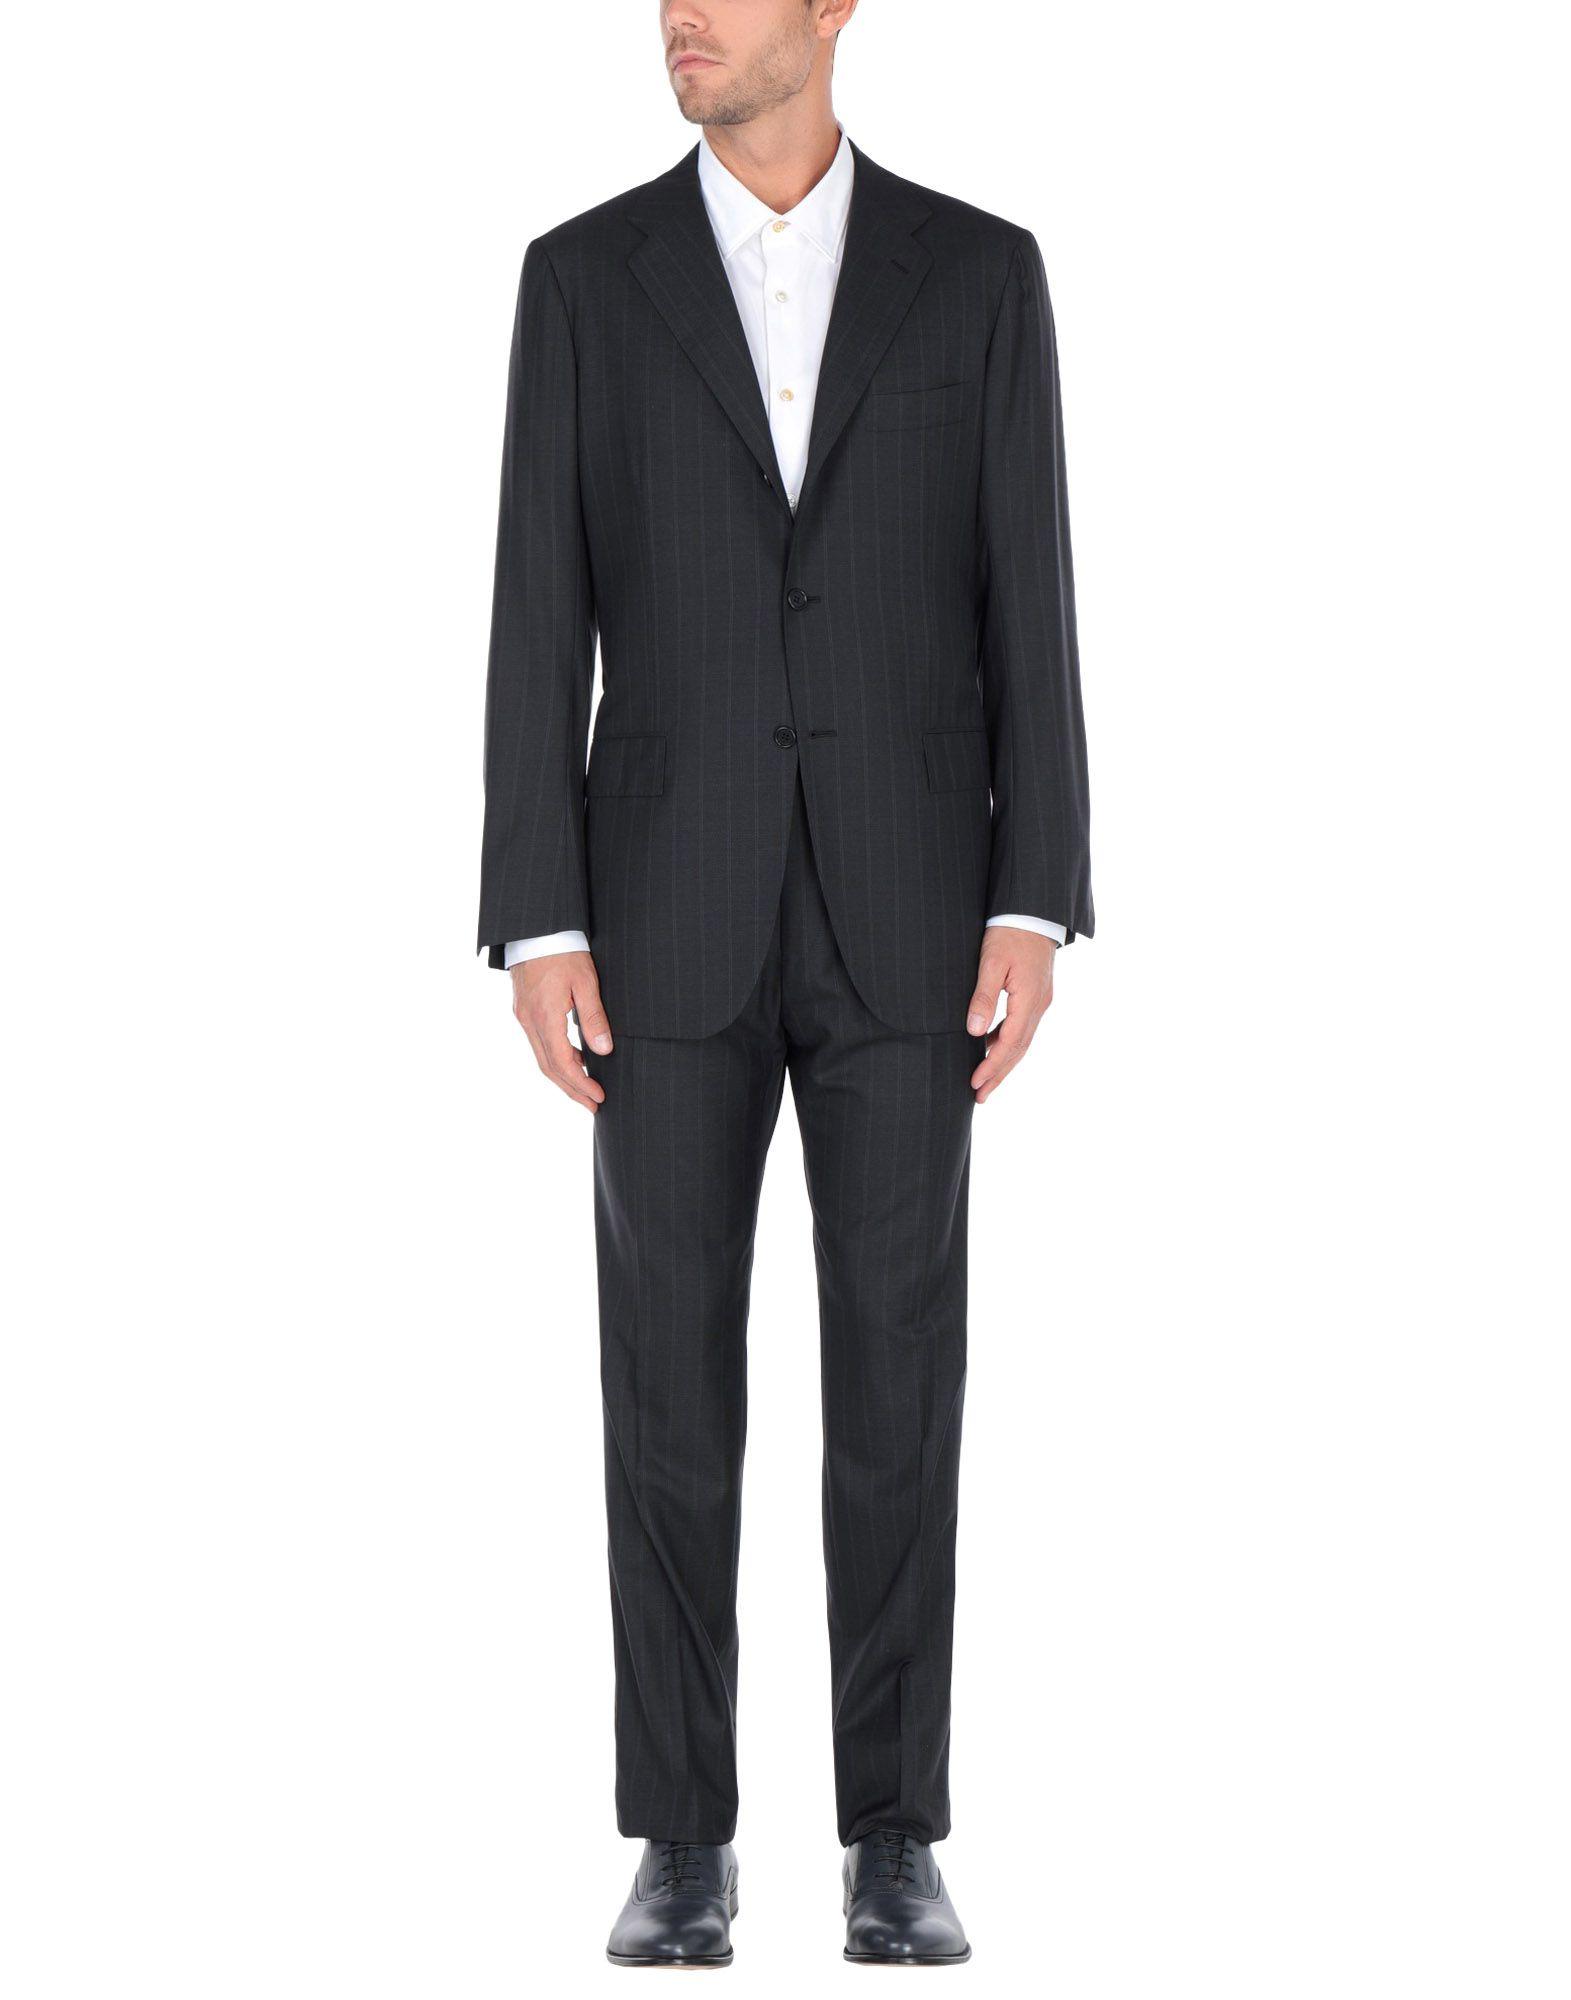 《送料無料》KITON メンズ スーツ スチールグレー 54 ウール 100%